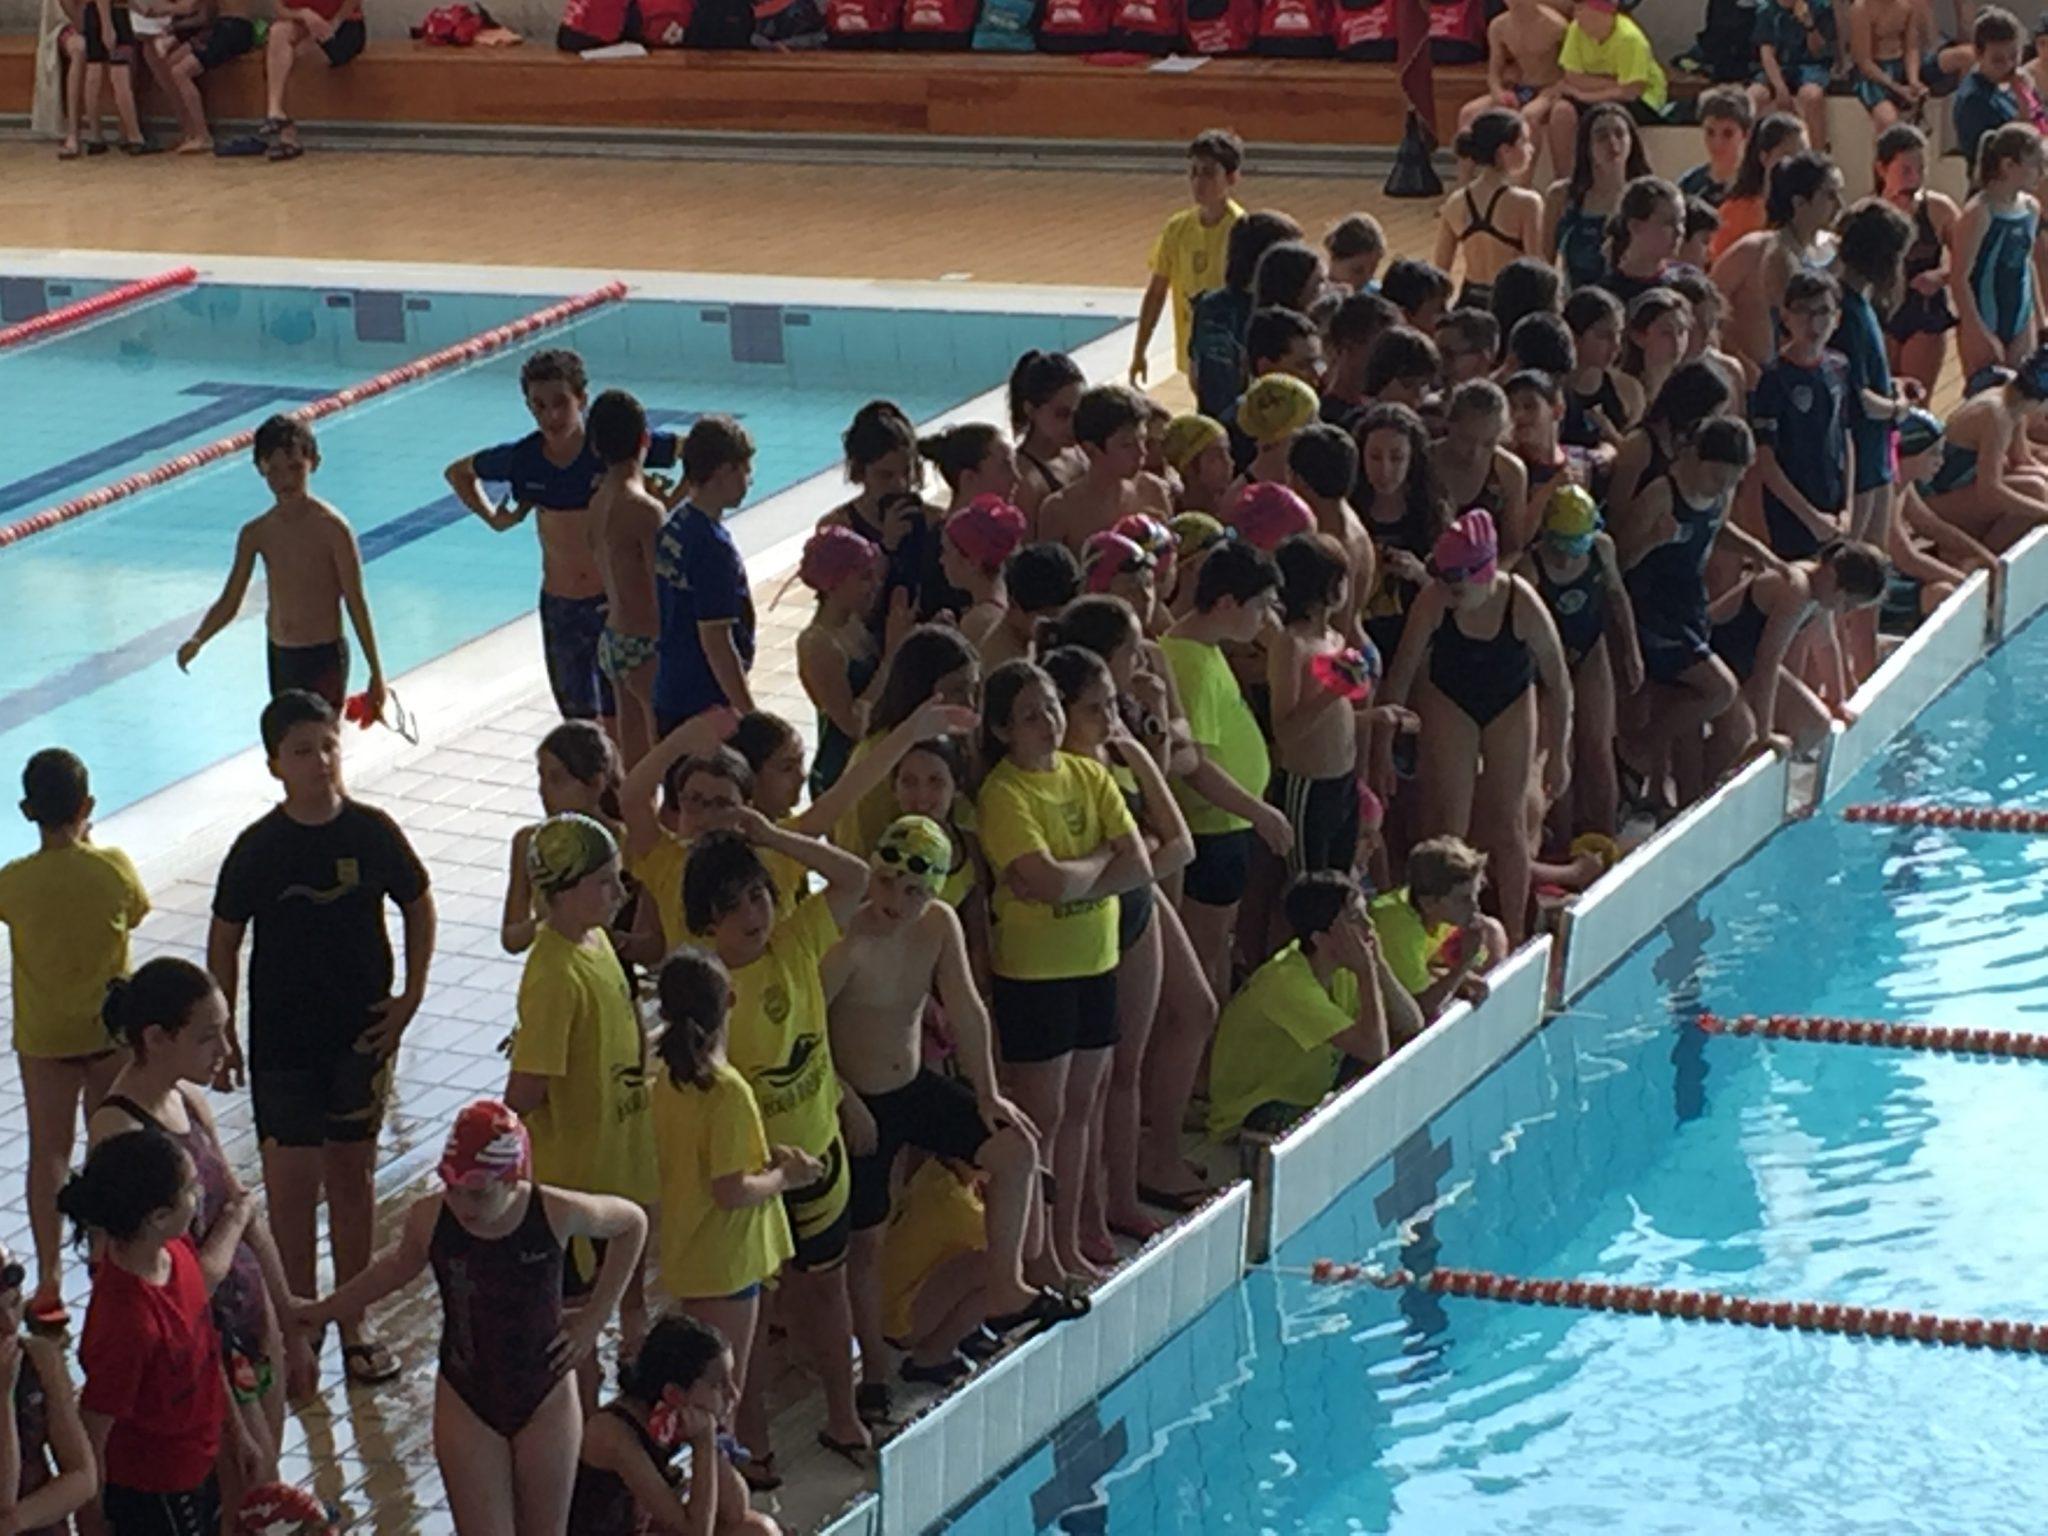 Agenda del fin de semana comienza la nataci n deportiva nautica portugalete - Piscinas de portugalete ...